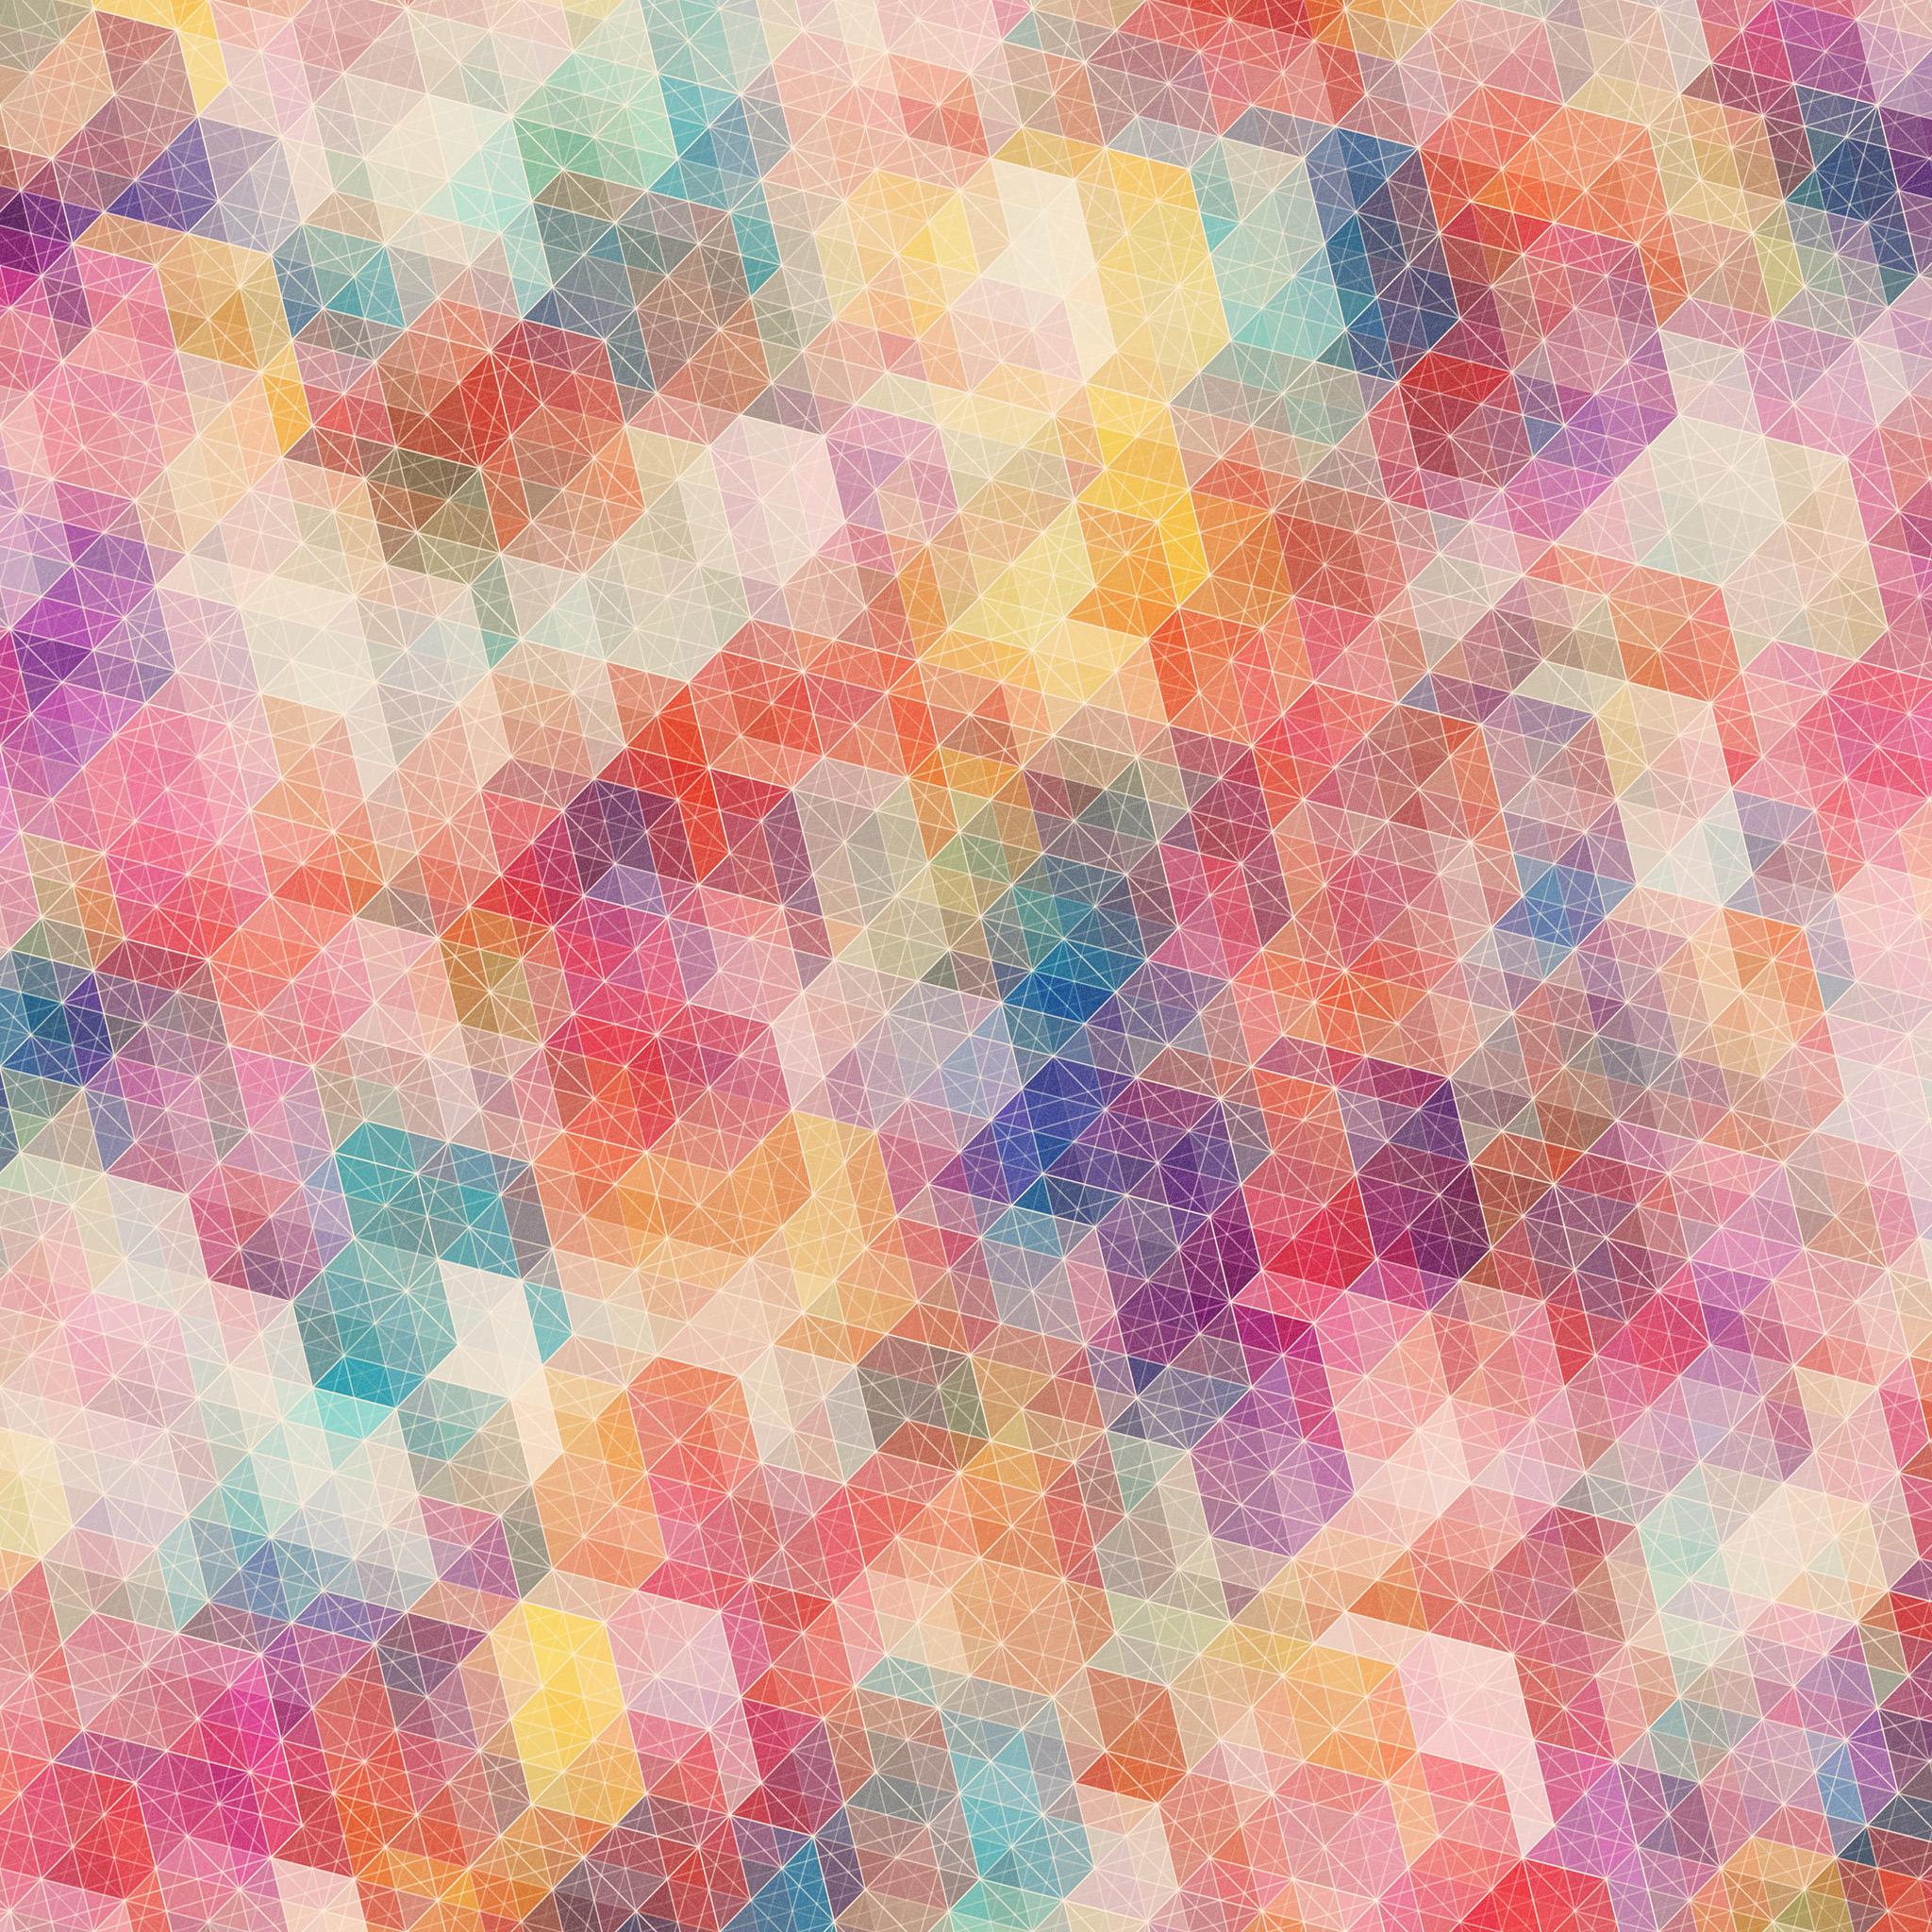 カラフルな幾何学模様の壁紙4(iPad3用/2048×2048)